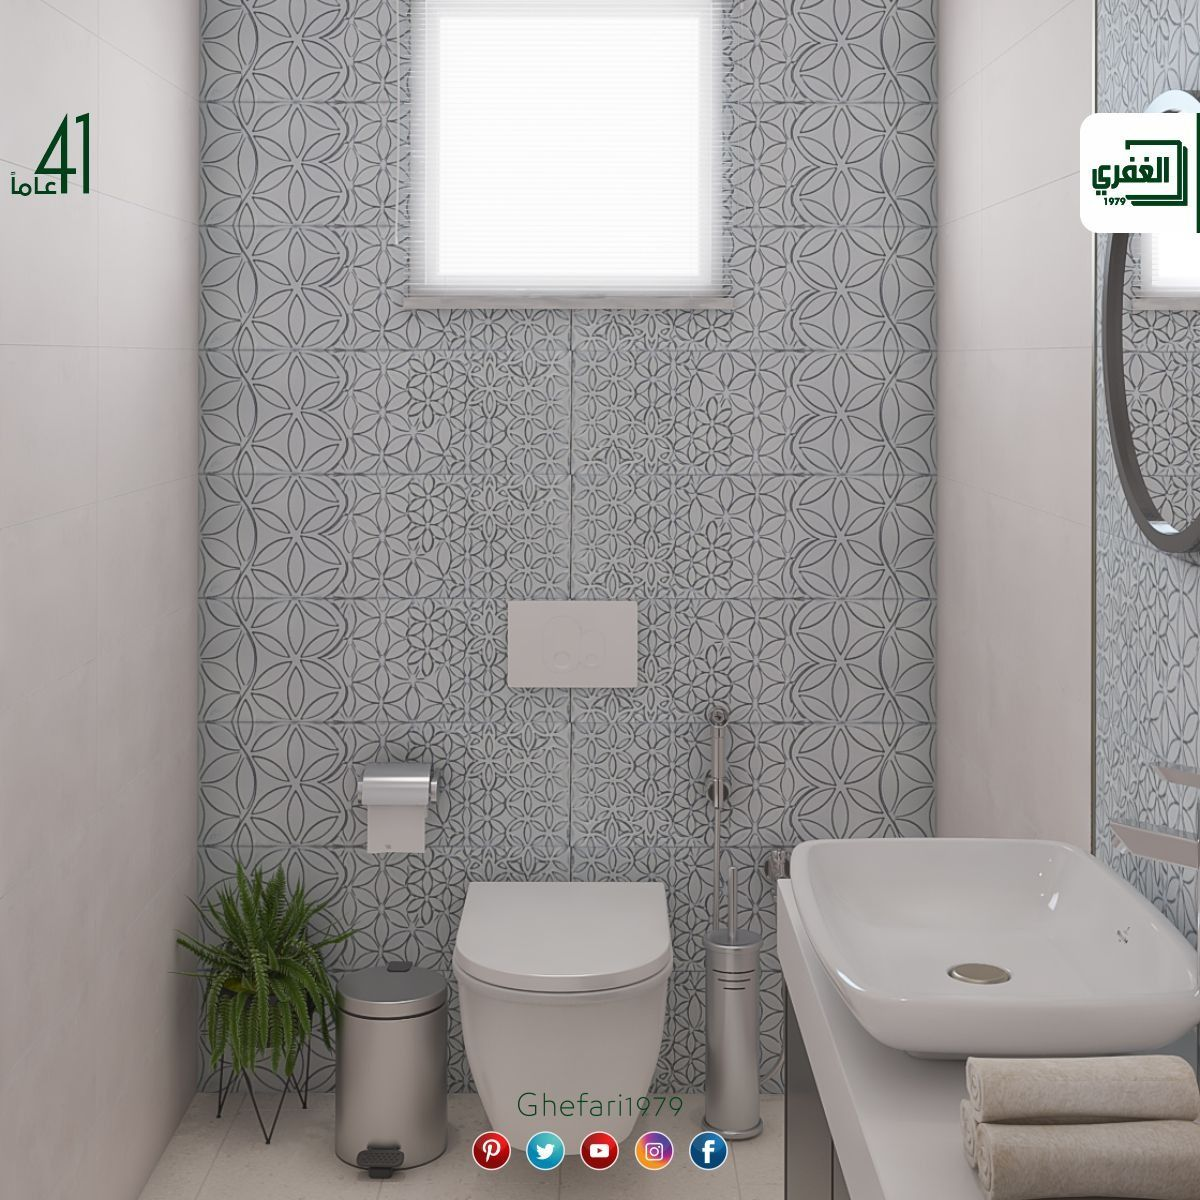 بلاط للاستخدام داخل الحمامات والمطابخ للمزيد زورونا على موقع الشركة Https Www Ghefari Com Ar Retro واتس اب Framed Bathroom Mirror Bathroom Mirror Bathroom